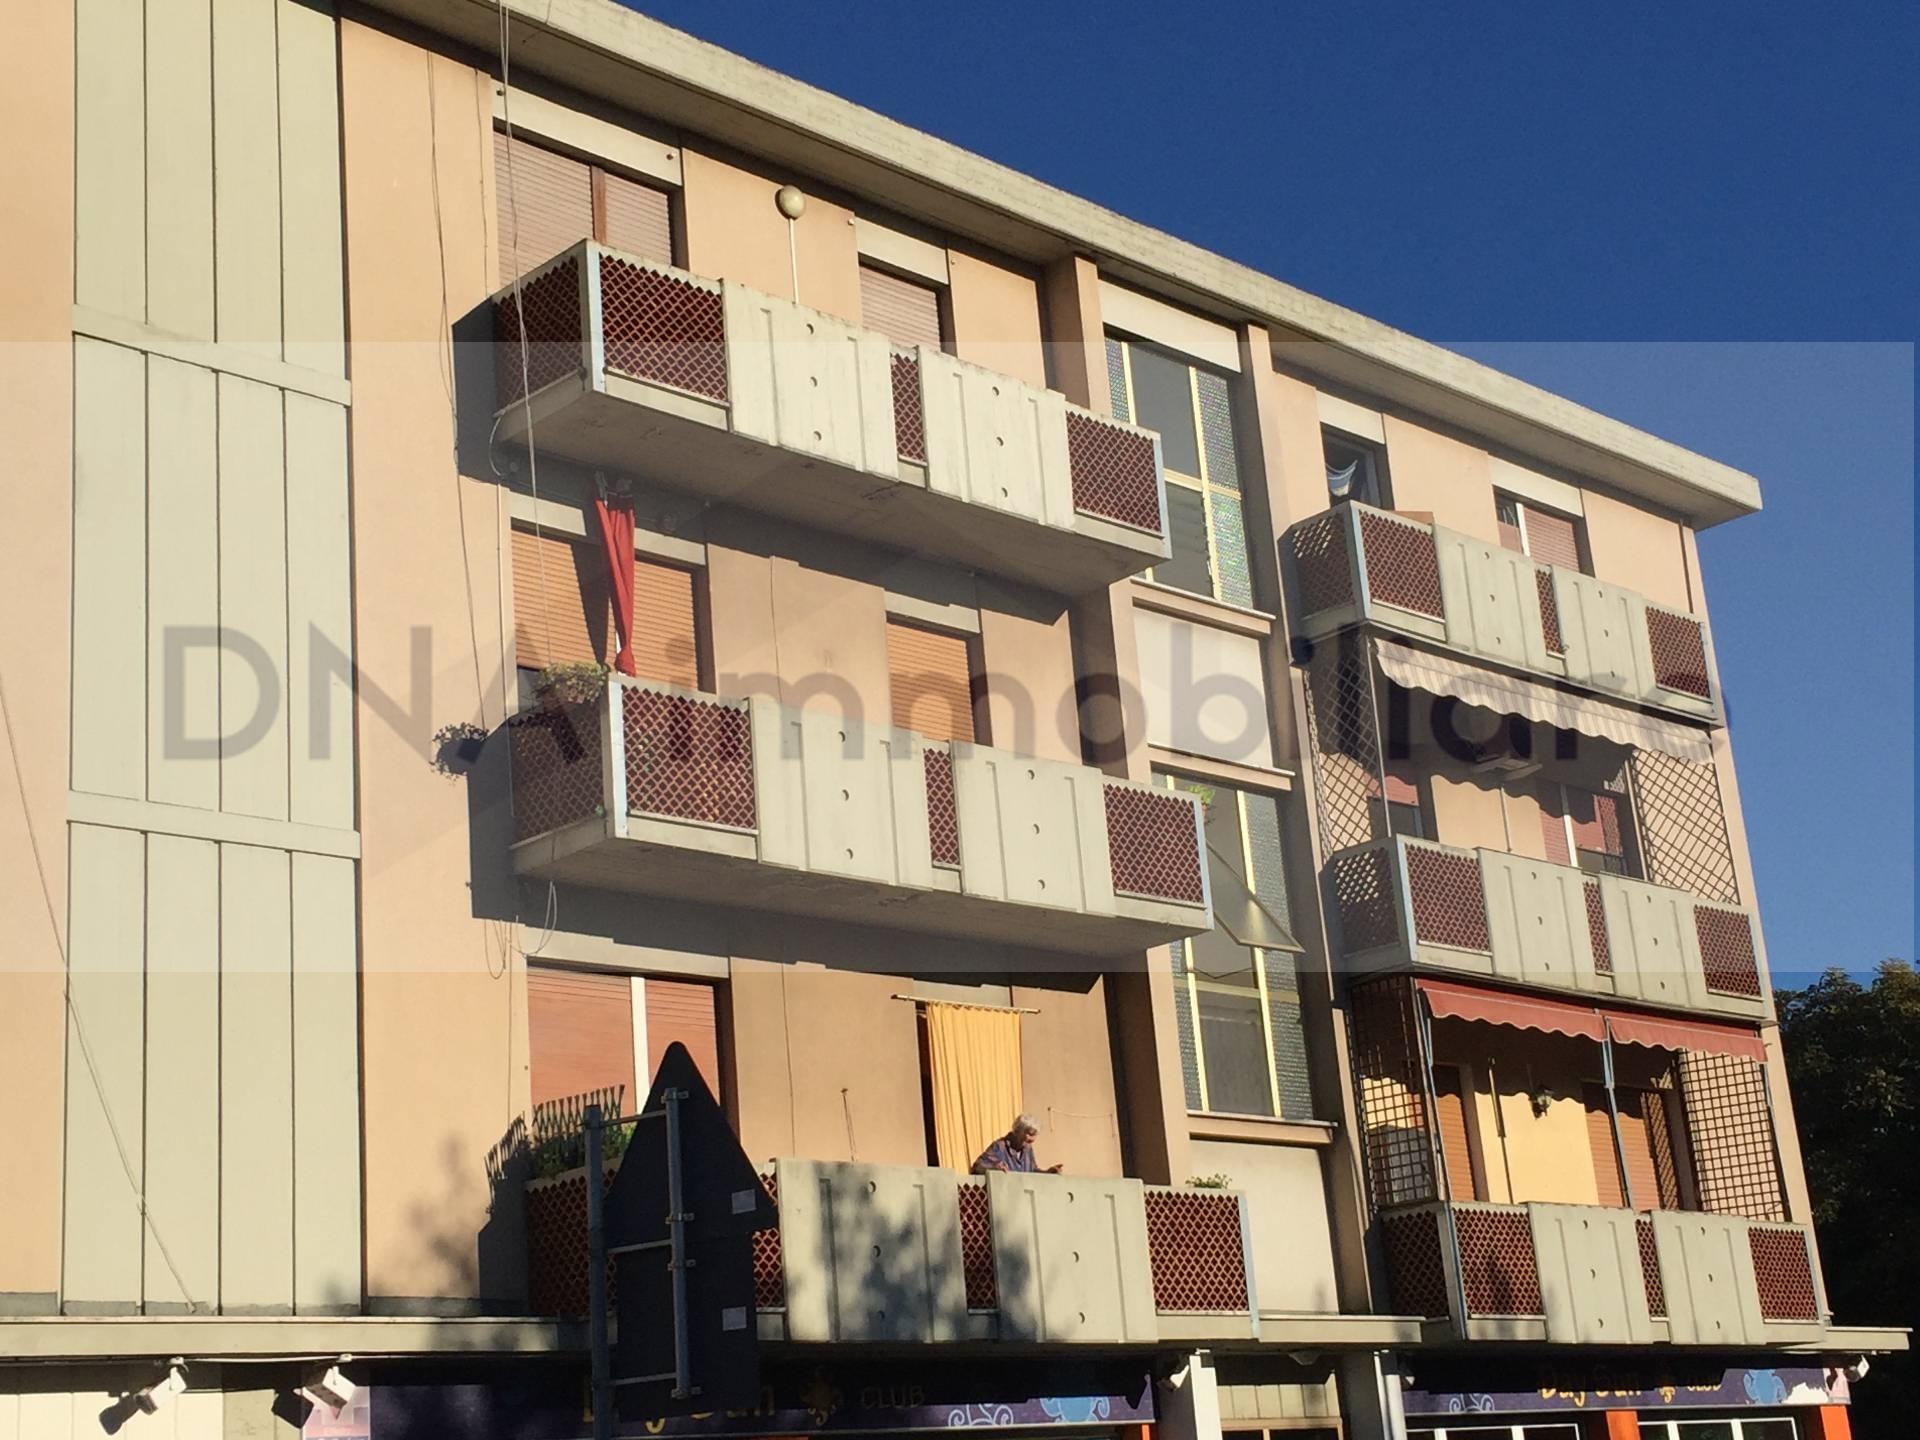 Appartamento in vendita a Occhiobello, 4 locali, zona Località: S.aMariaMaddalena, prezzo € 55.000 | CambioCasa.it